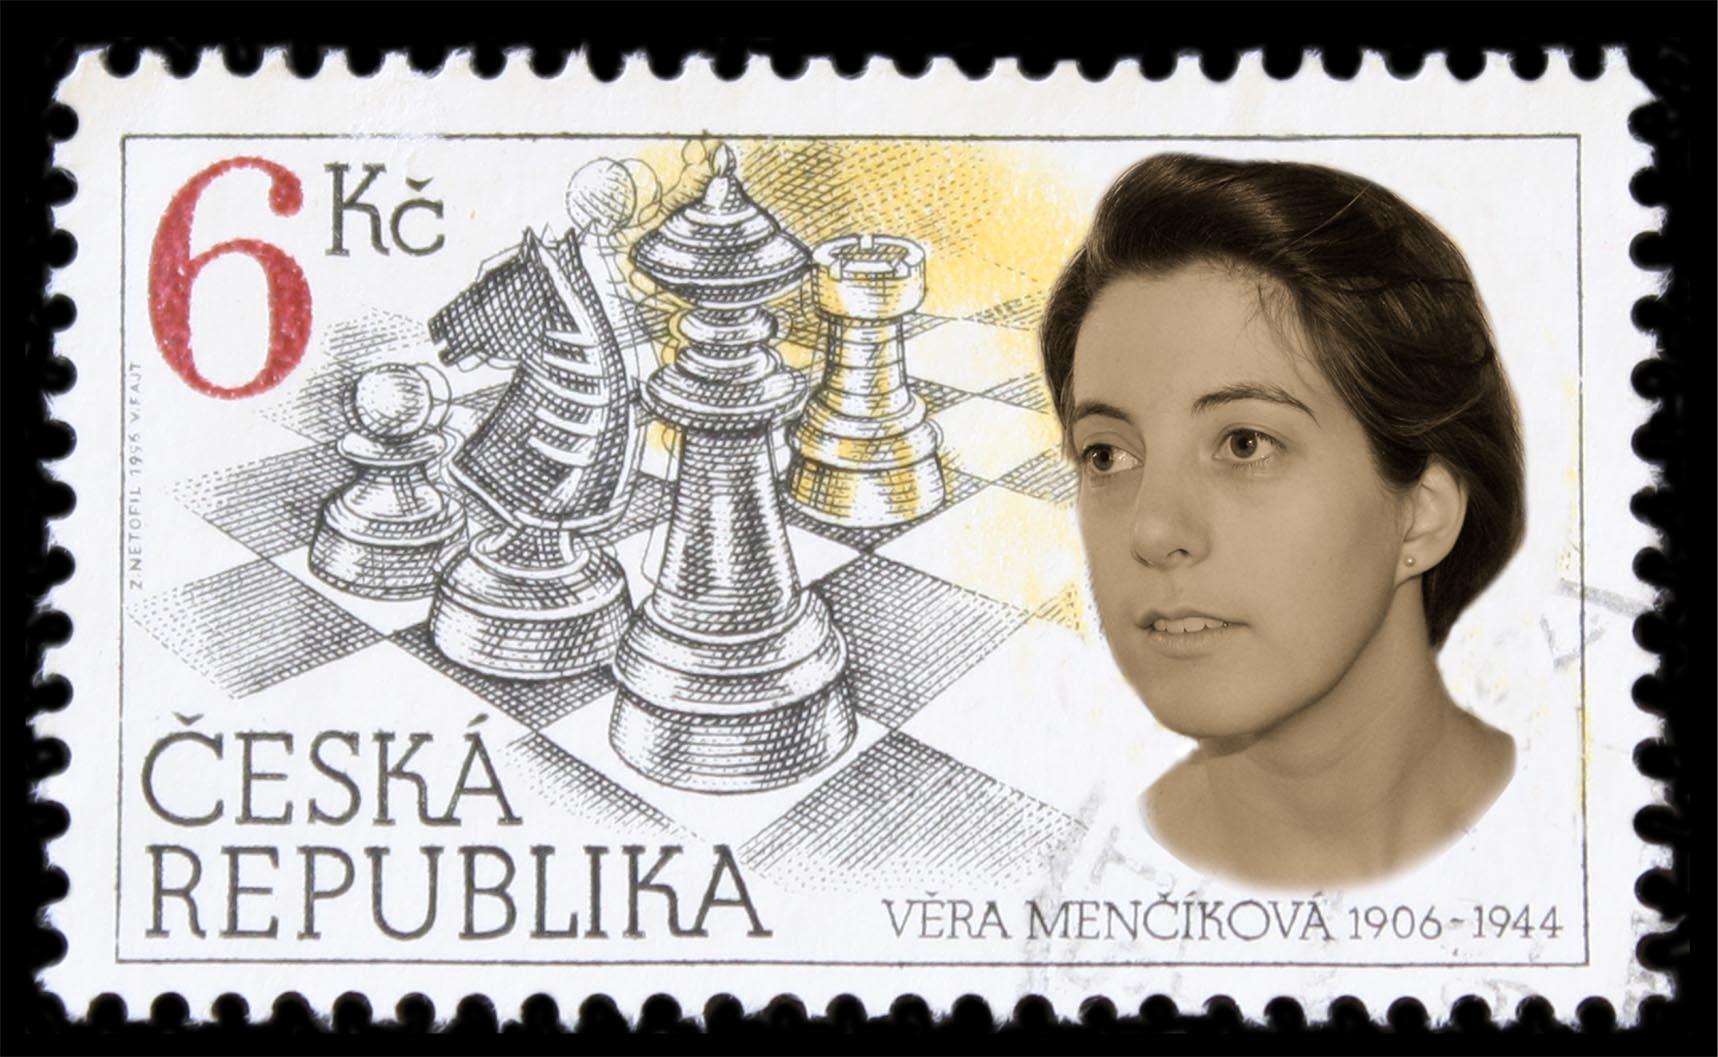 Stamp Collection (Věra Menčiková)